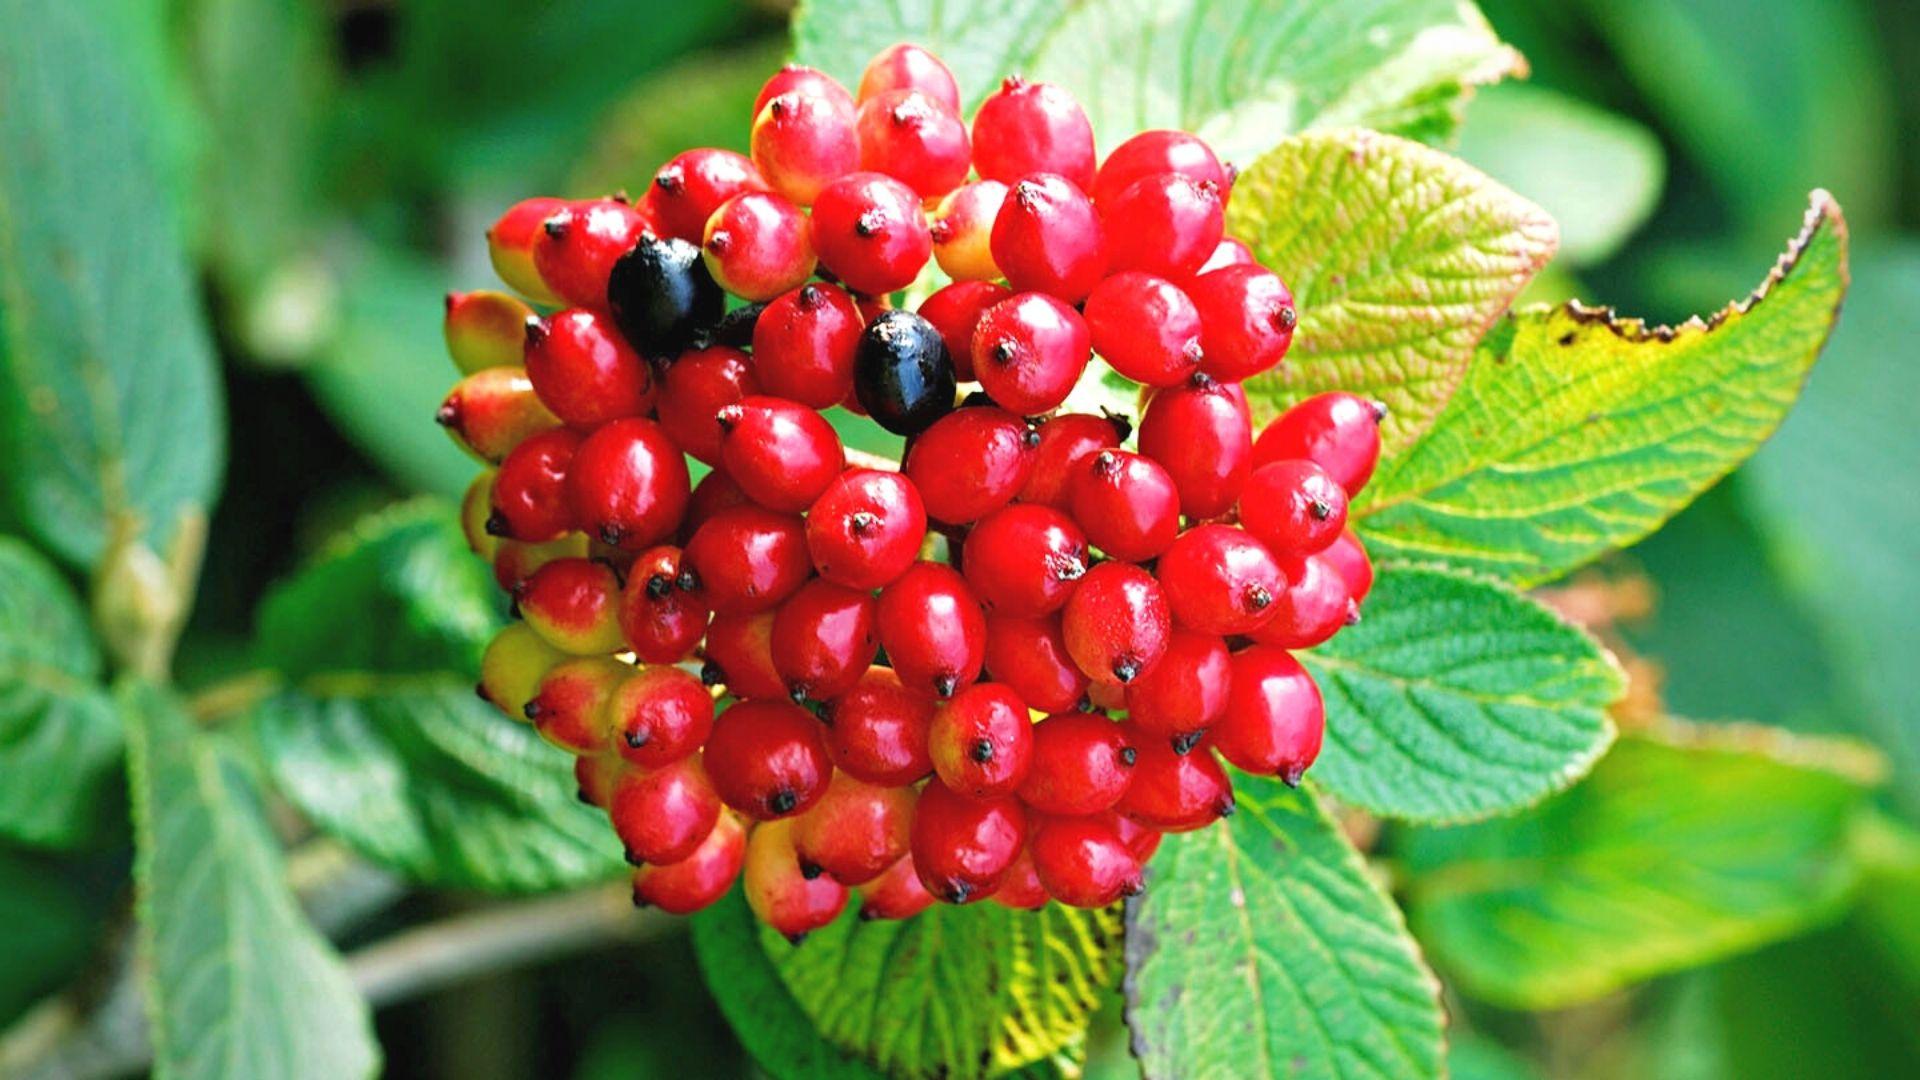 Viorne commune - Viburnum lantana Mohican